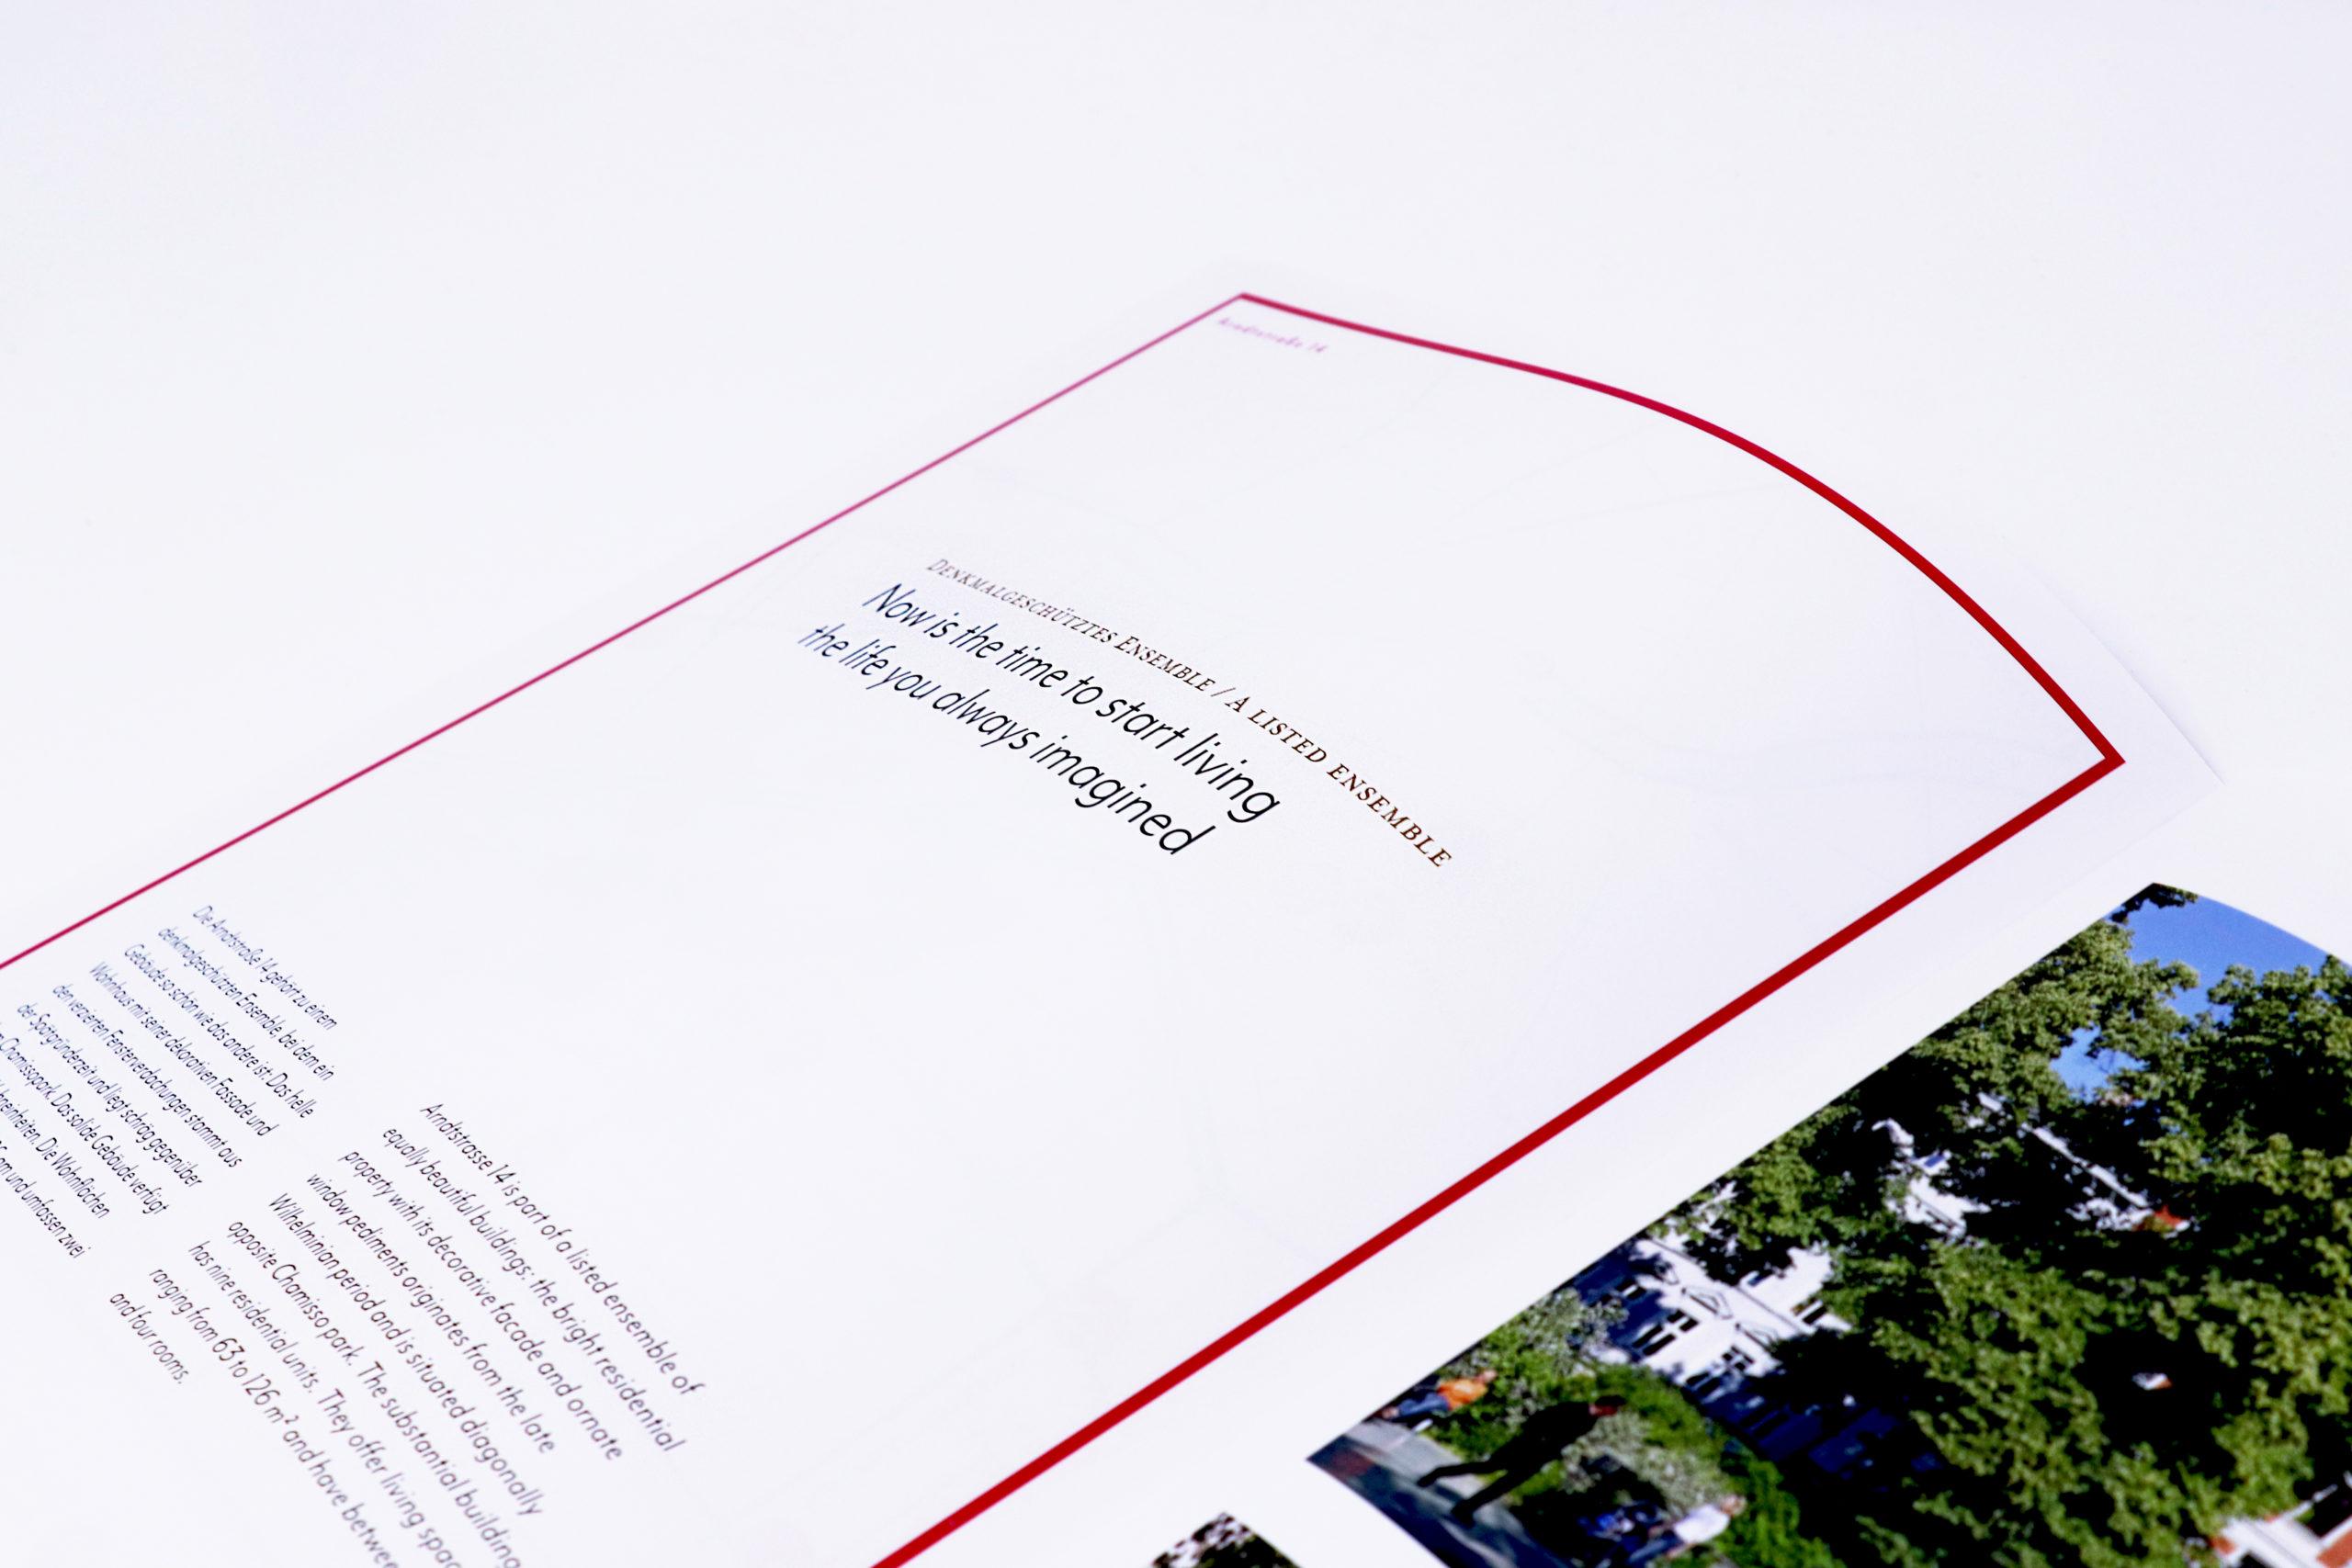 Corporate_Design-Trendcity-Immobilien-Broschüre-Gestaltung-4